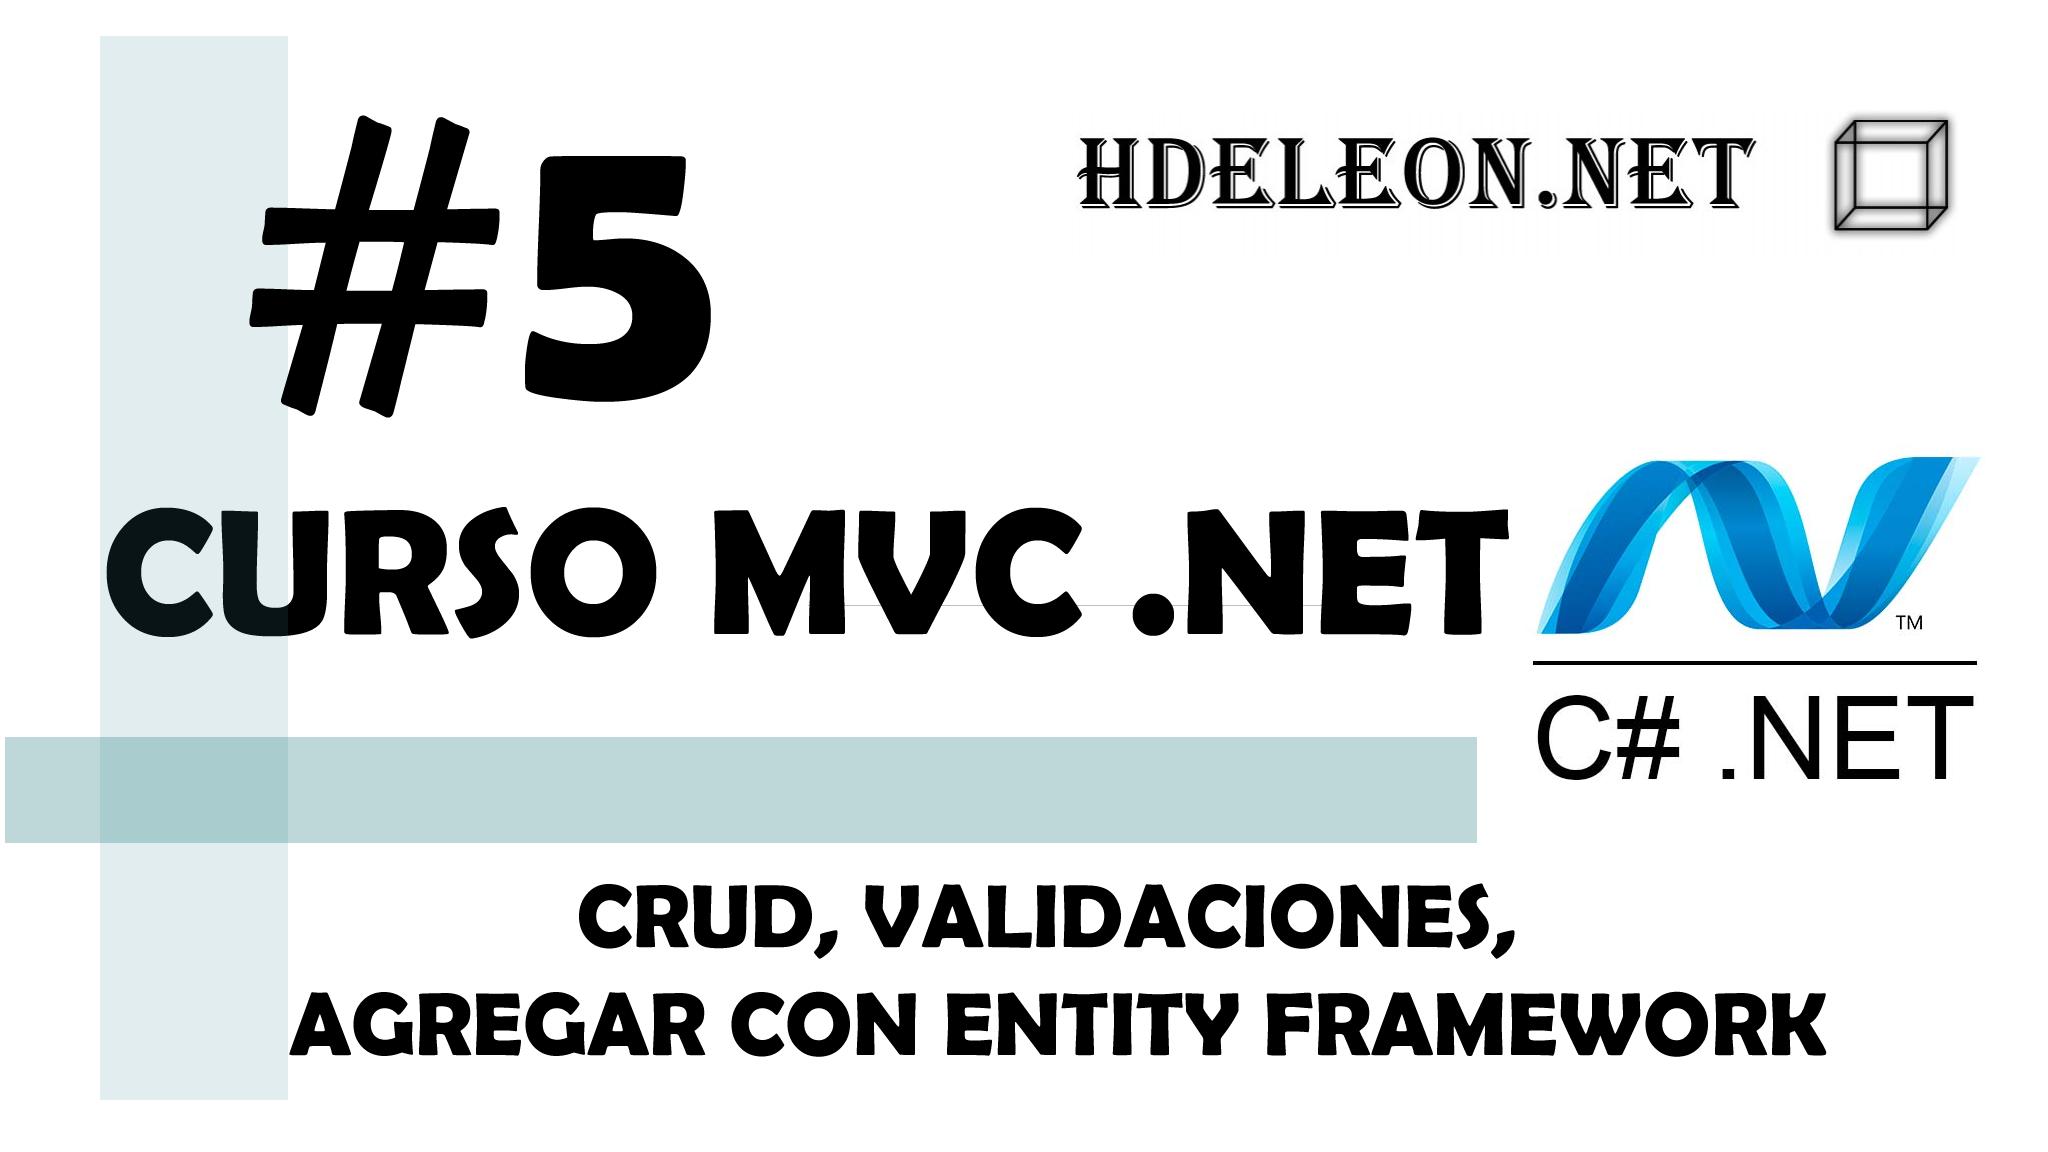 Curso de MVC .Net C#, CRUD, Validaciones, Agregar con Entity Framework #5